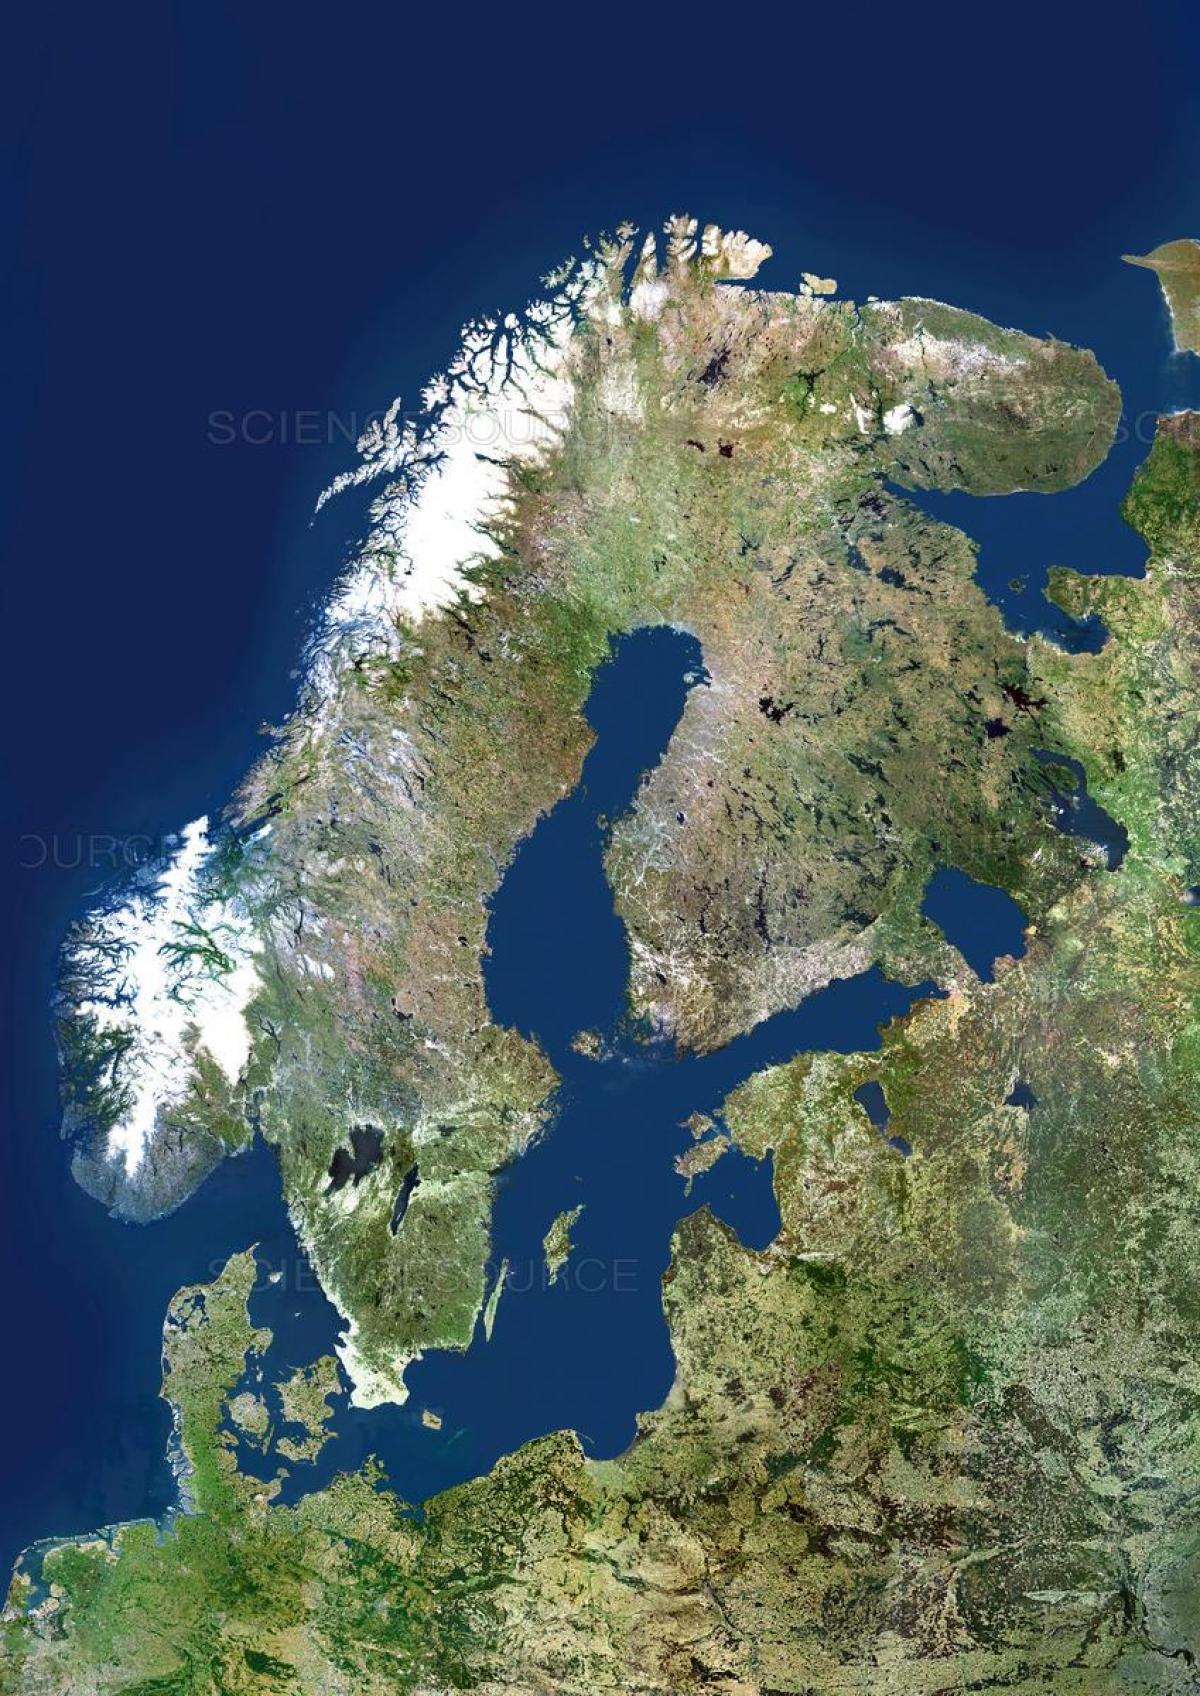 Suedia Harta Prin Satelit Harta Suediei Prin Satelit Europa De